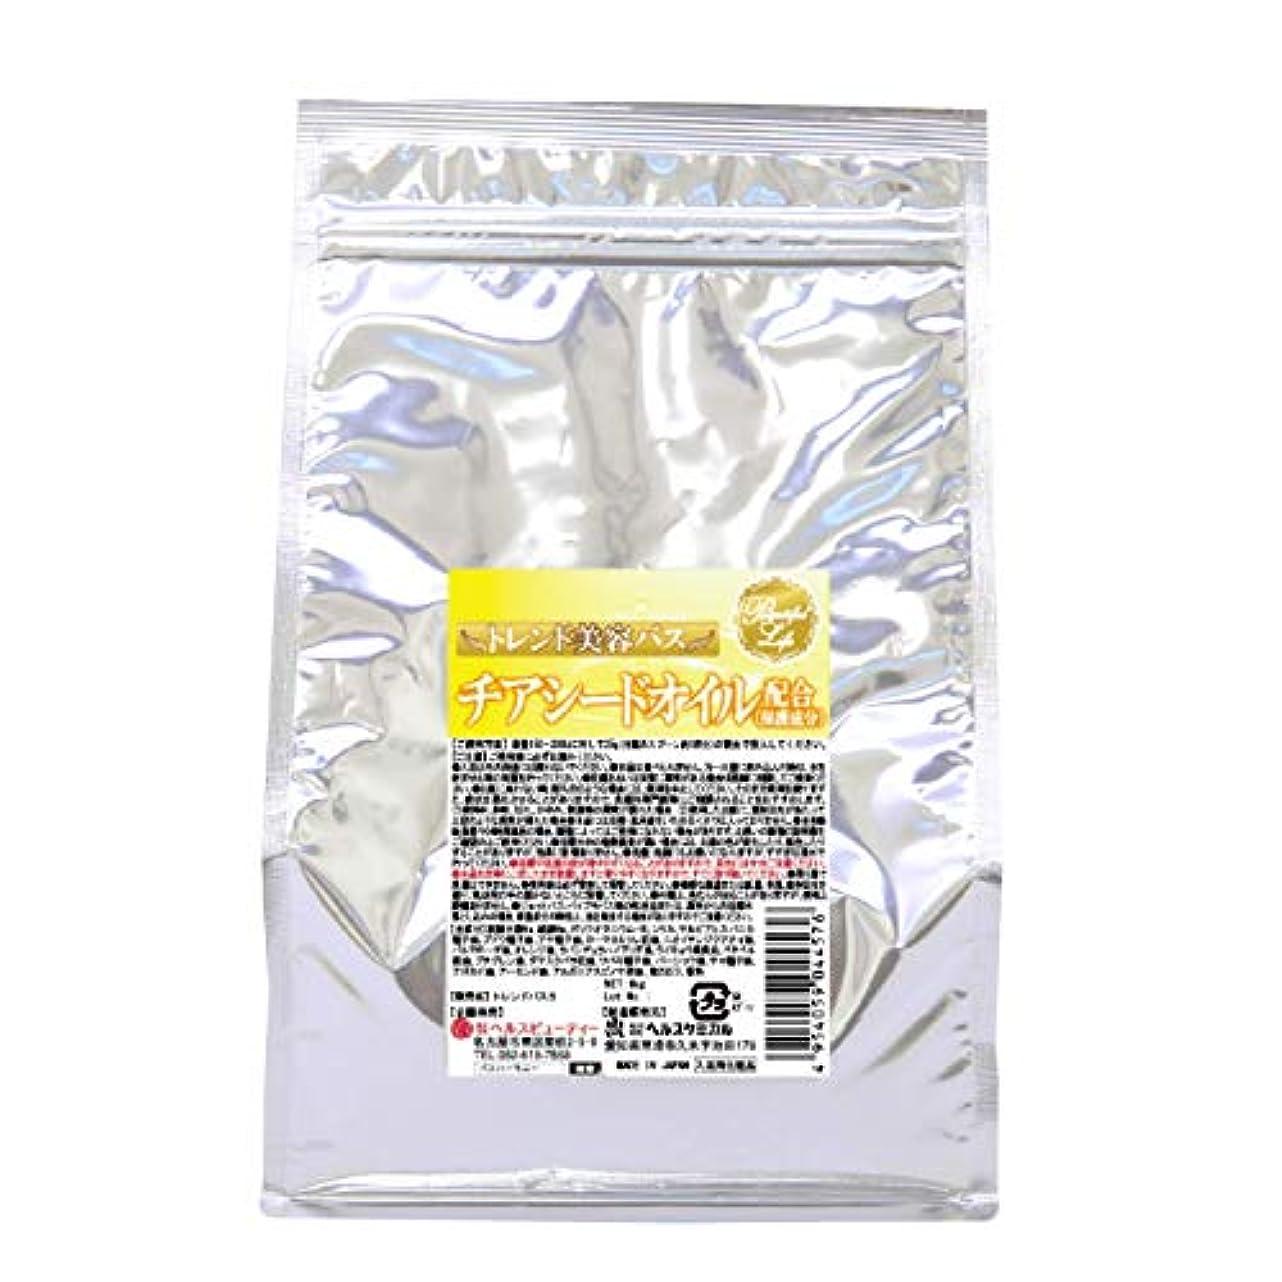 ラベ変成器シリング入浴剤 湯匠仕込 チアシードオイル配合 1kg 50回分 お徳用